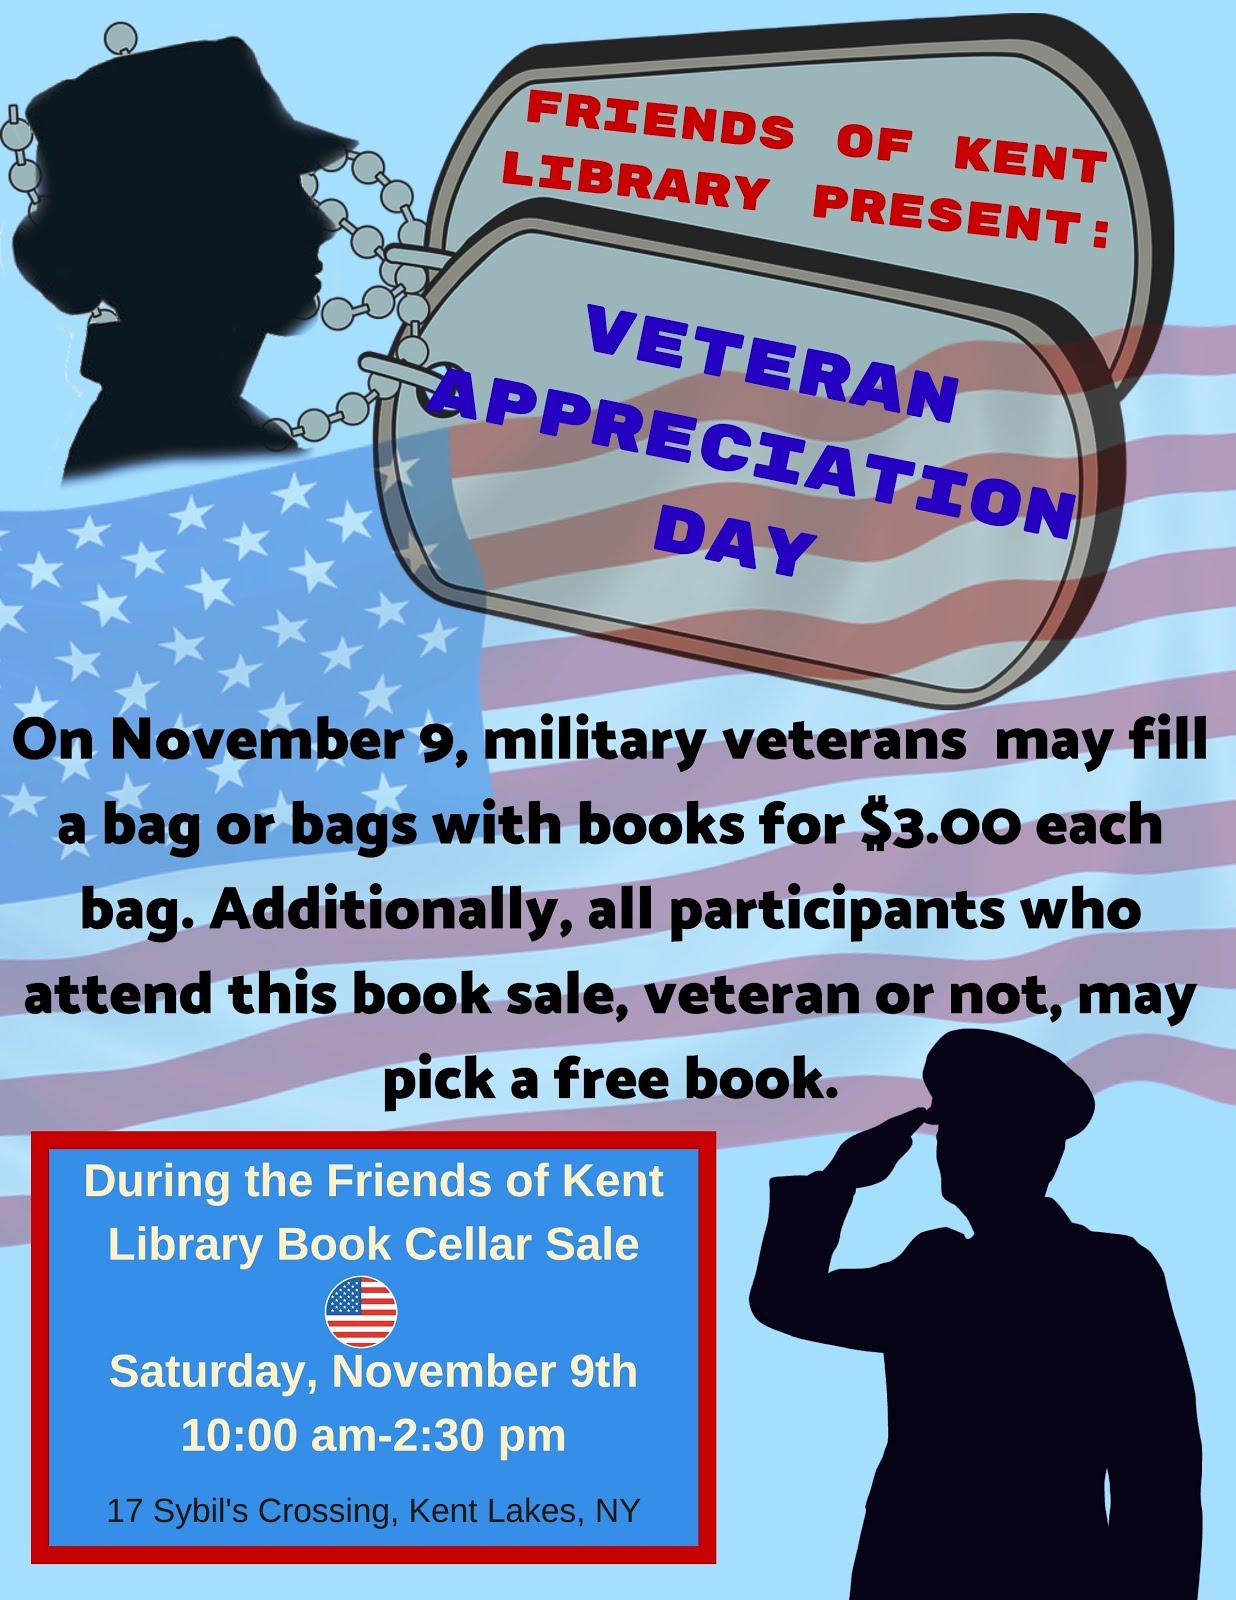 Veteran Appreciation Day!